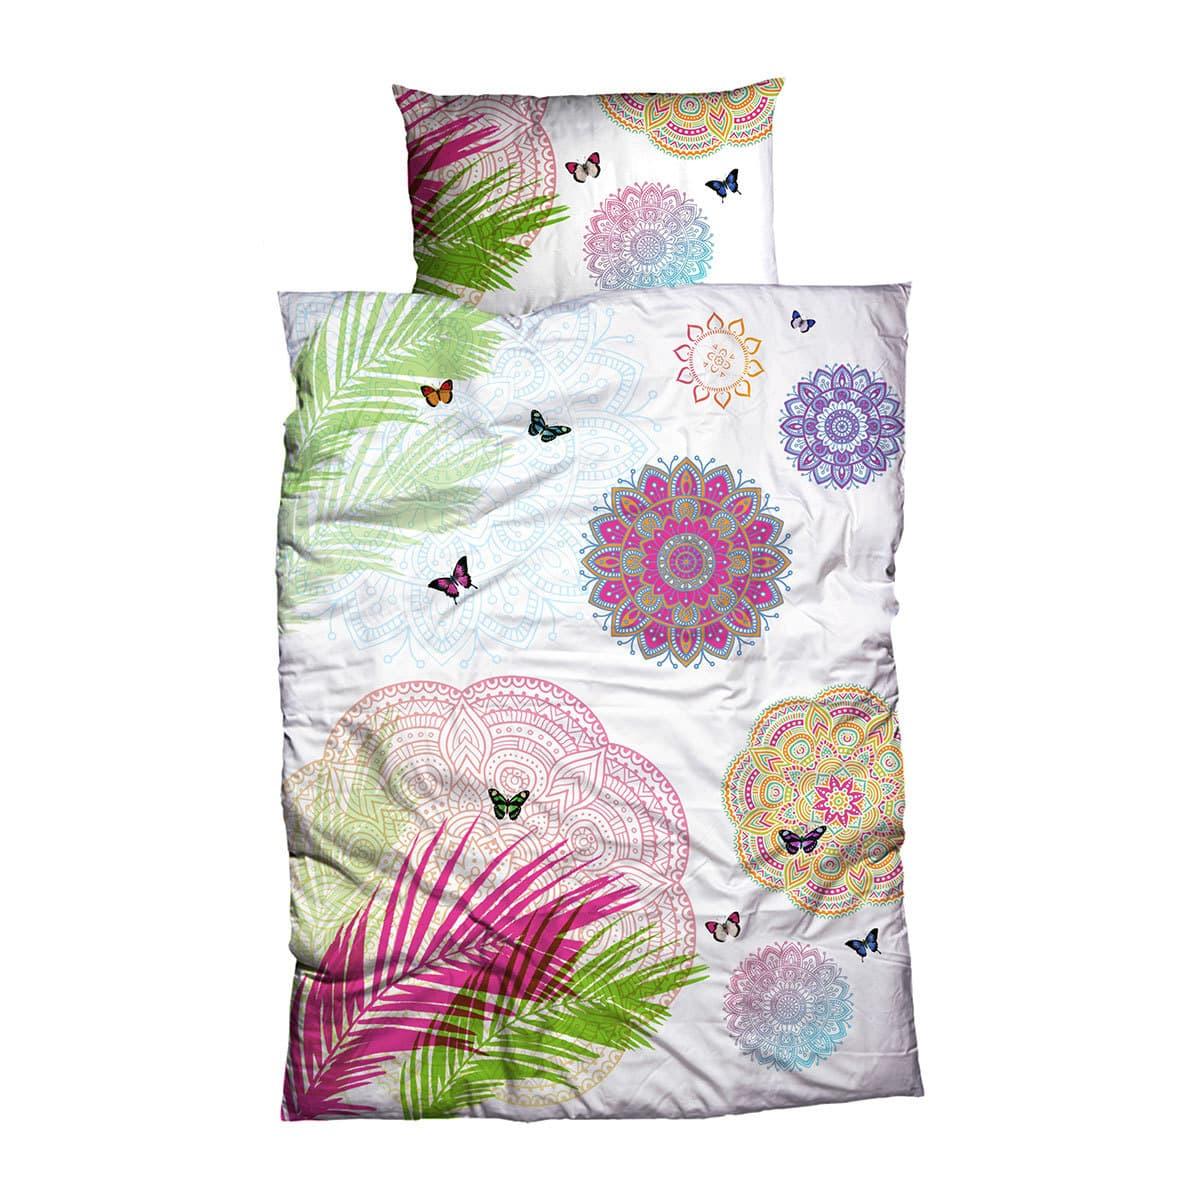 casatex renforc bettw sche eino jungle pink weiss g nstig online kaufen bei bettwaren shop. Black Bedroom Furniture Sets. Home Design Ideas